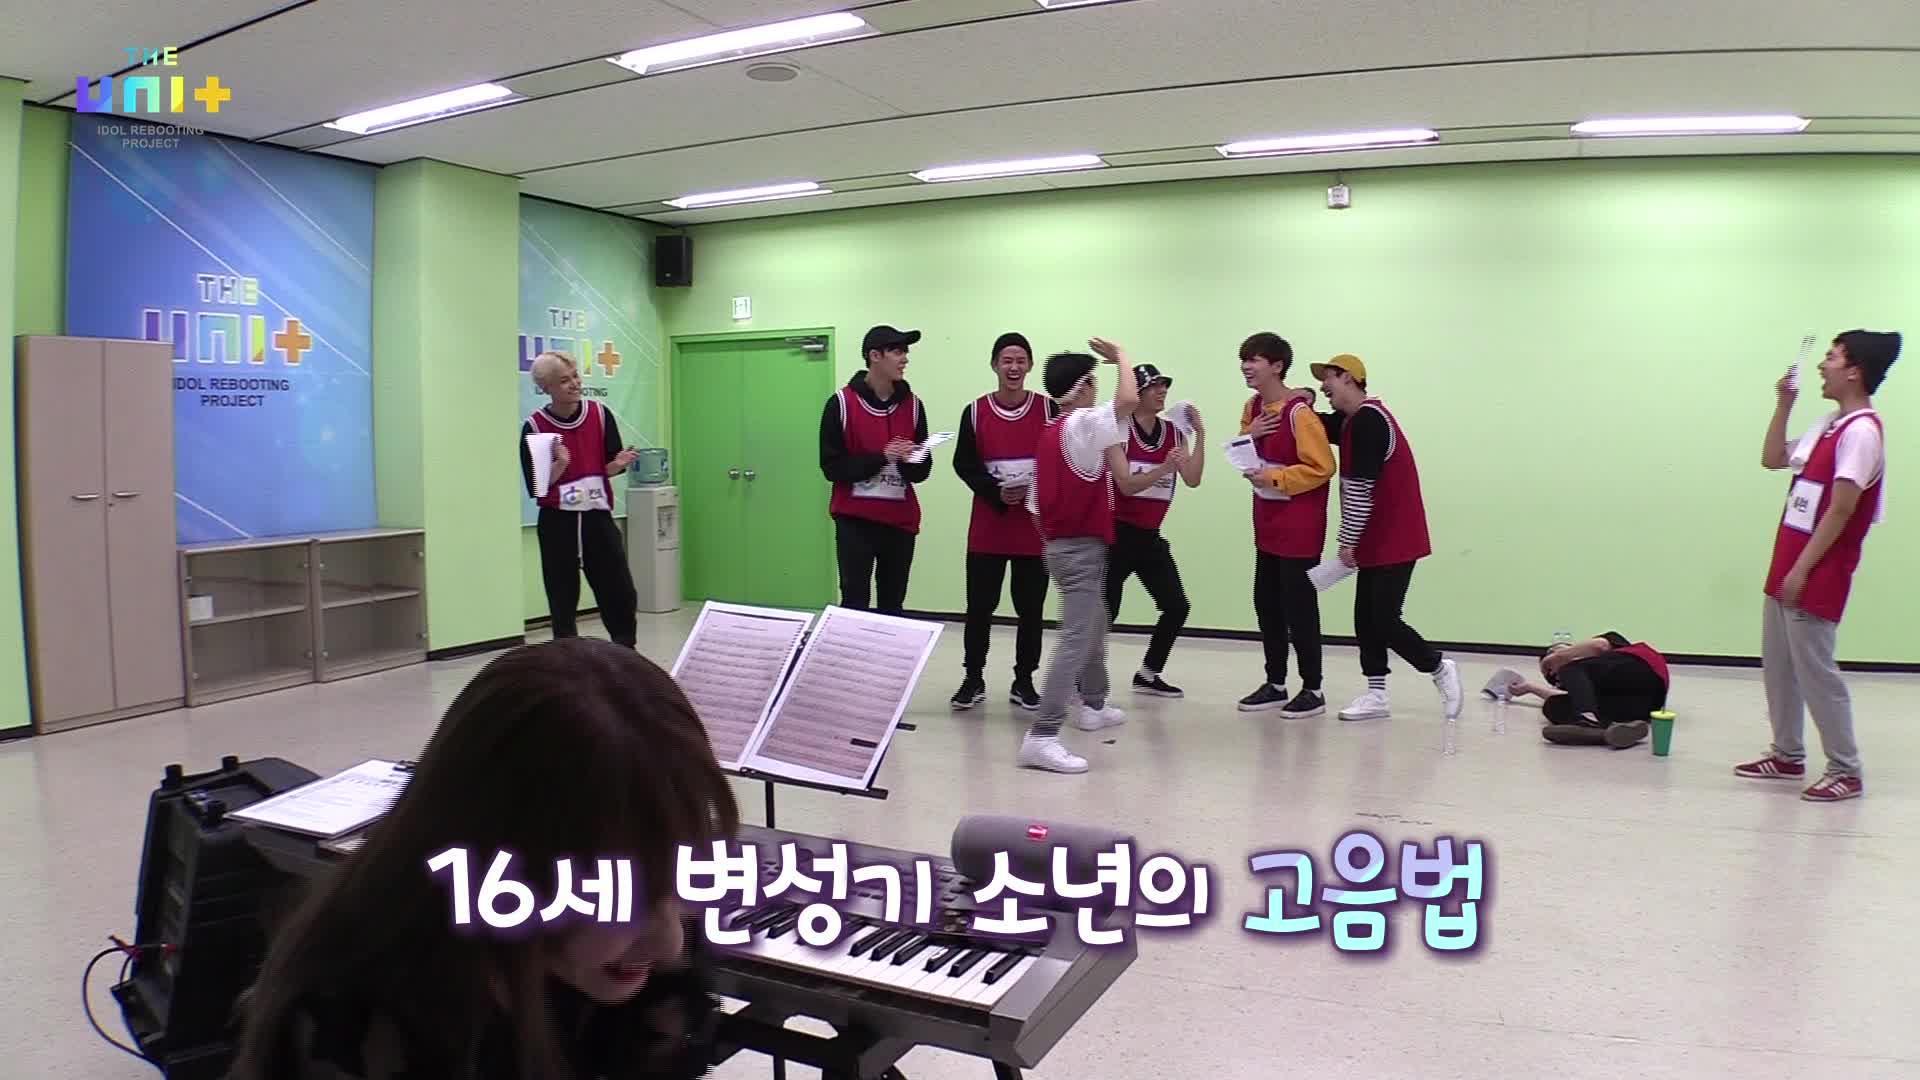 [미방분] / 동현조 보컬레슨 [Vocal Lesson of DONG HYUN's Group]